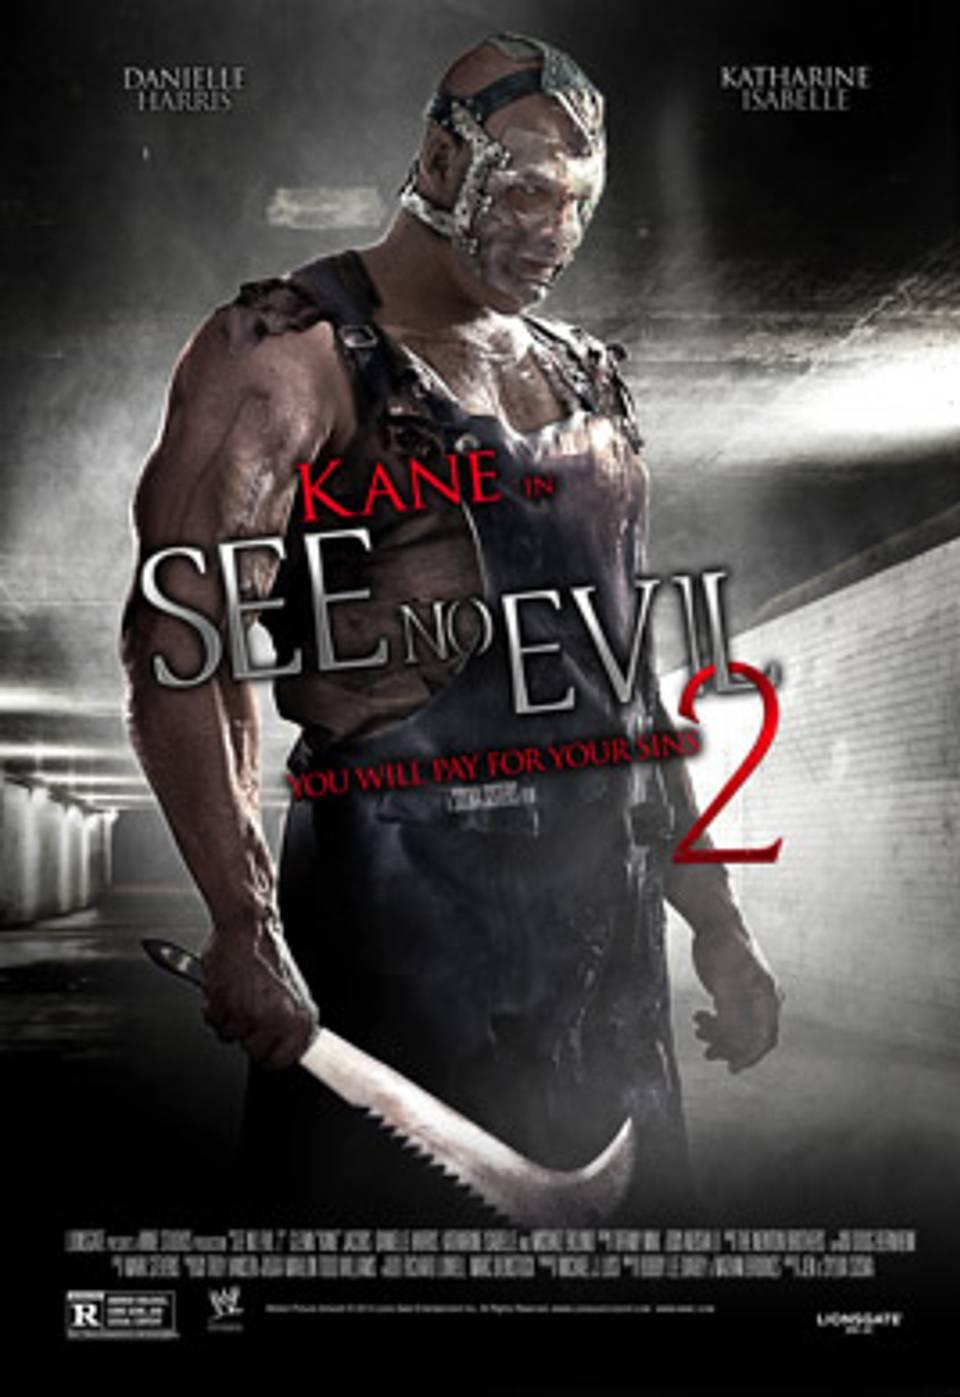 ვერ ვხედავ ბოროტებას 2 - See No Evil 2